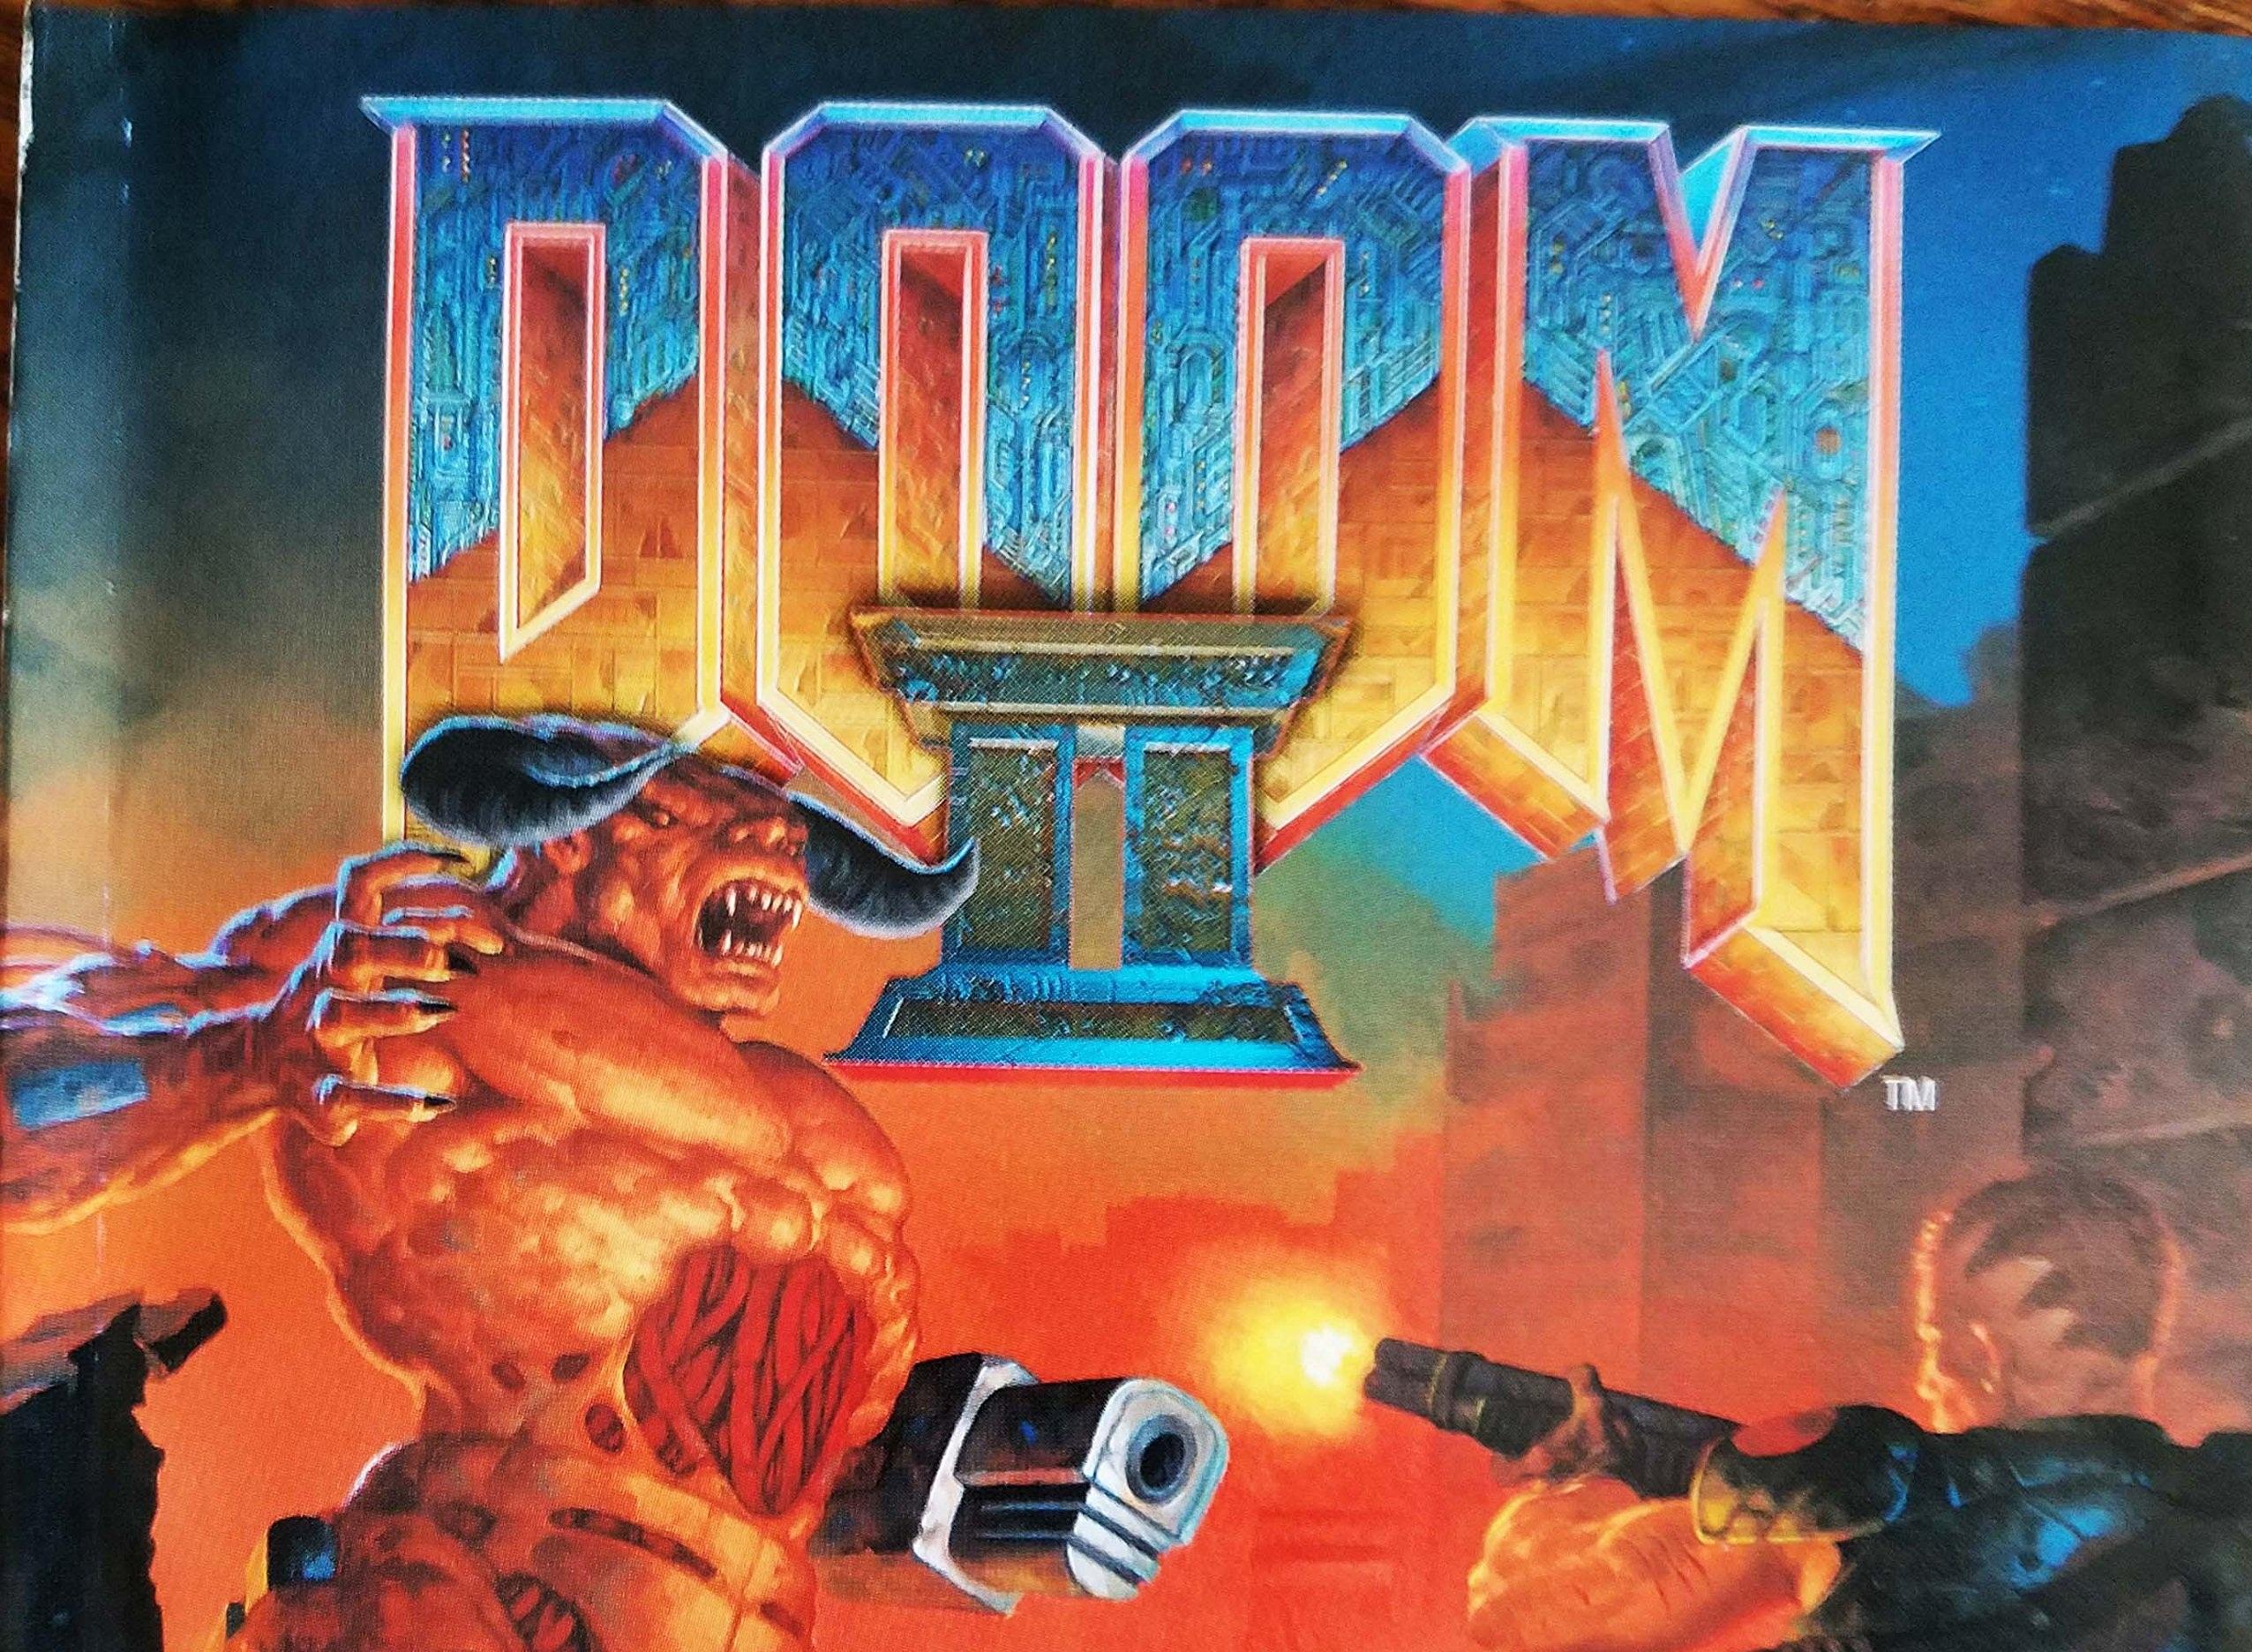 doom 2 pc game torrent download